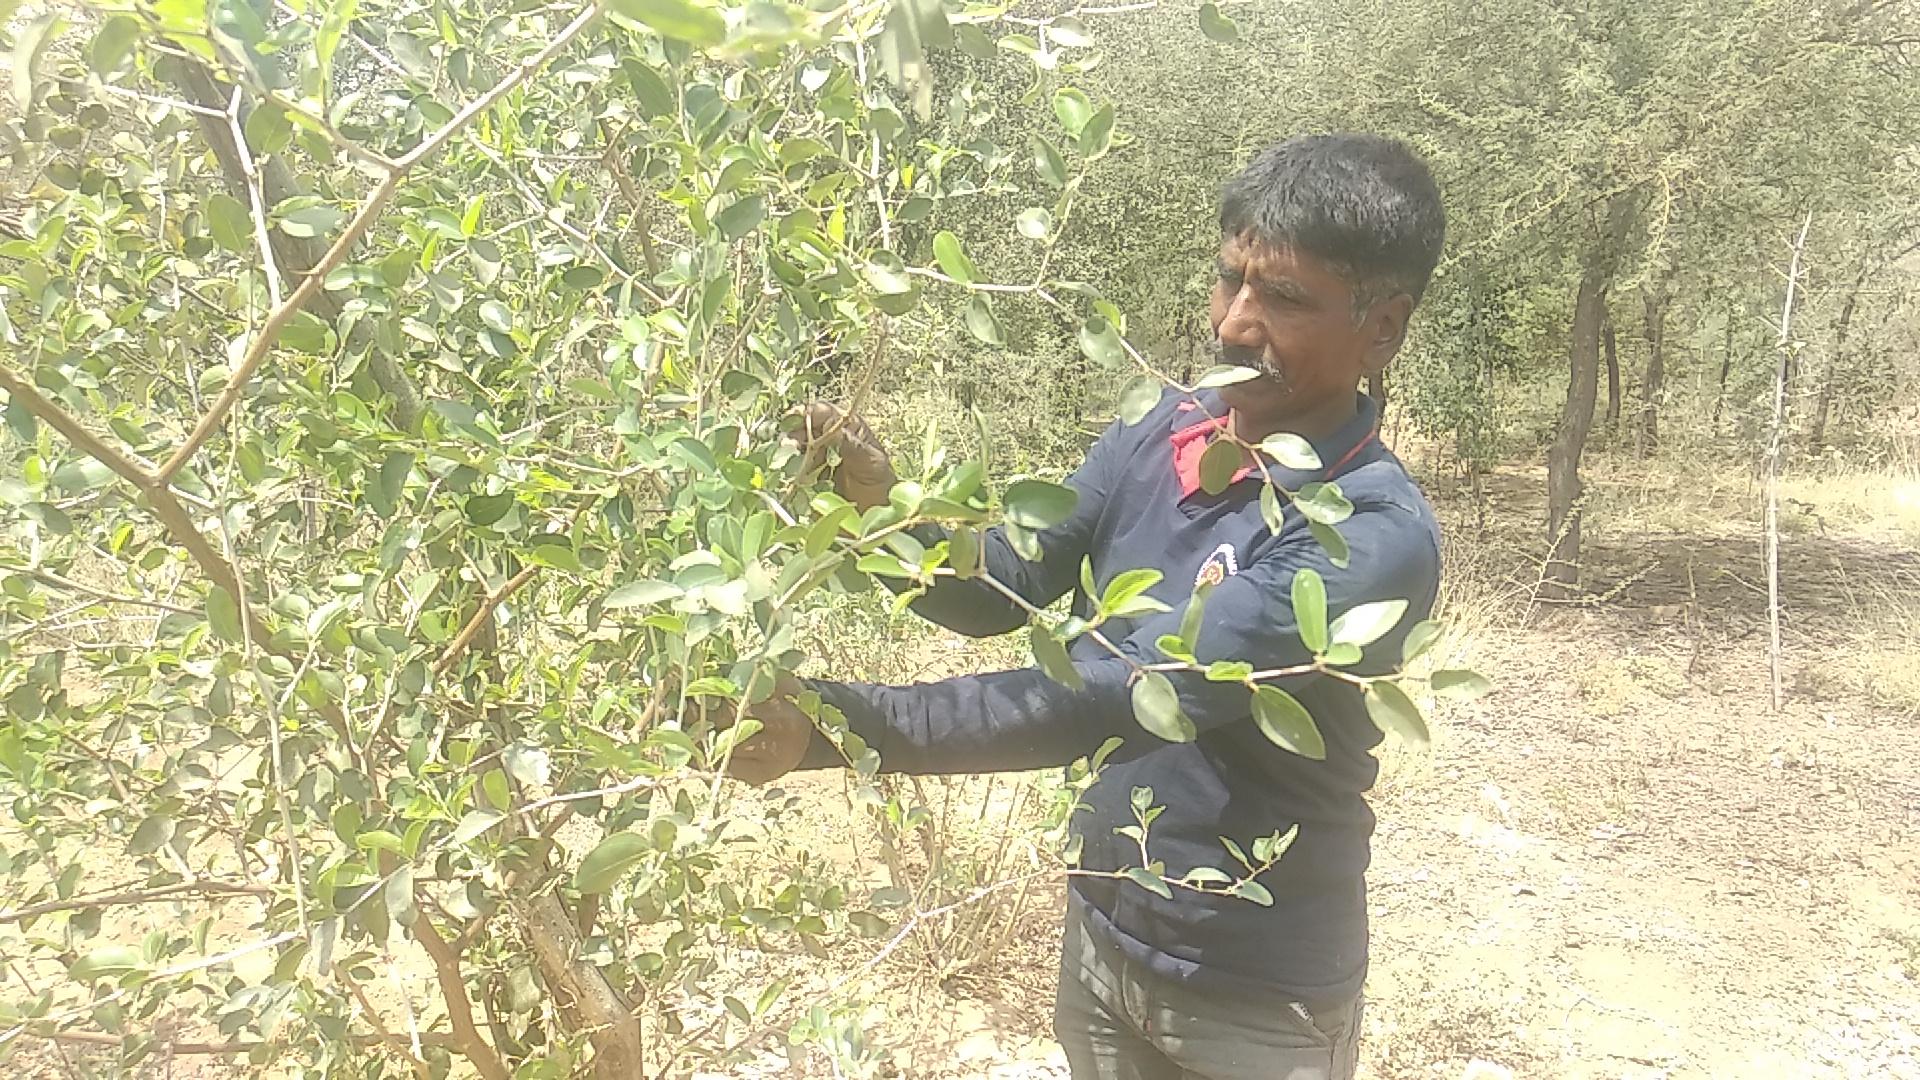 જેસોર અભ્યારણ્ય ખાતે રીંછના ખોરાક માટે રોજમદારે 200 બોરડીને કલમ કરી ઉછેર કર્યો|પાલનપુર,Palanpur - Divya Bhaskar